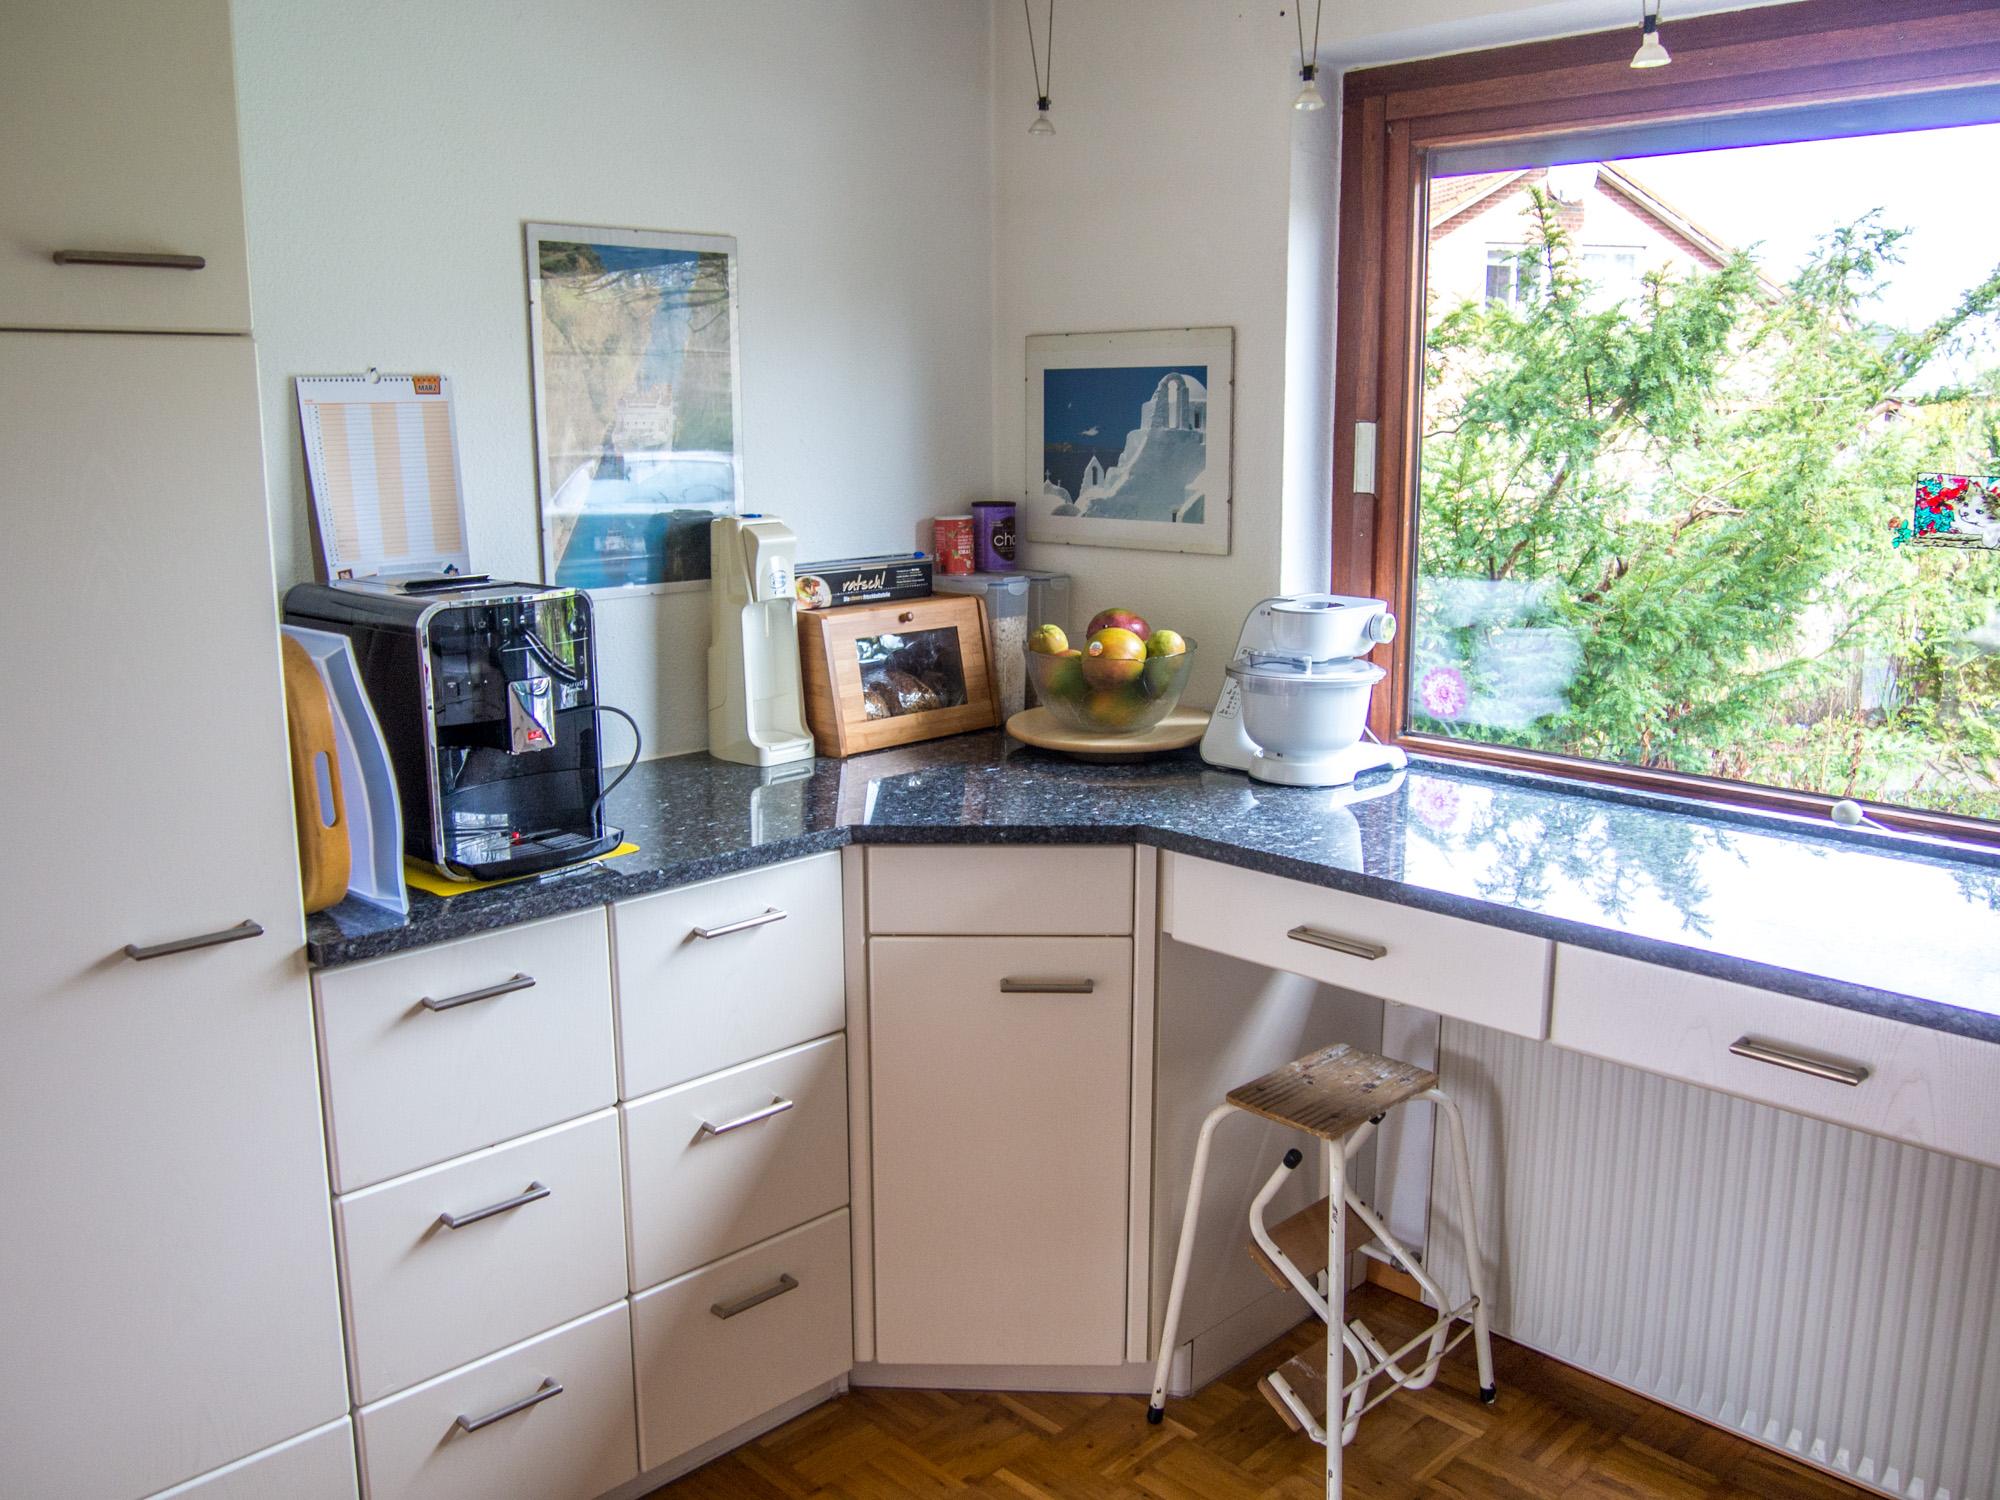 Tolle Ideen Meine Küchenschränke Zu ändern Fotos - Ideen Für Die ...